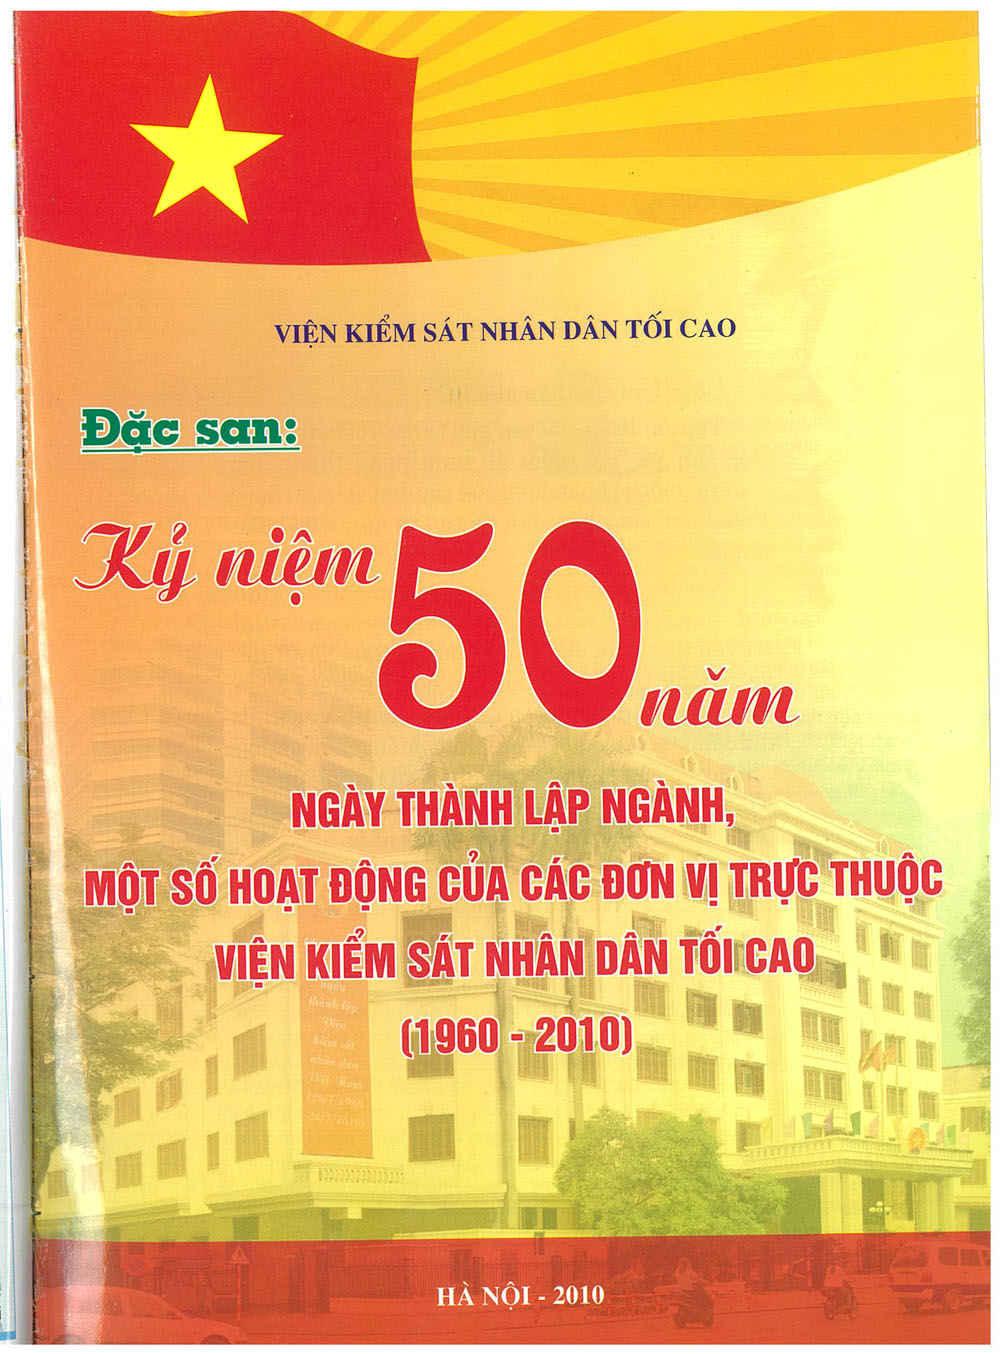 Mời quý vị và các bạn đọc Đặc san Kỷ niệm 50 năm ngày thành lập ngành KSND